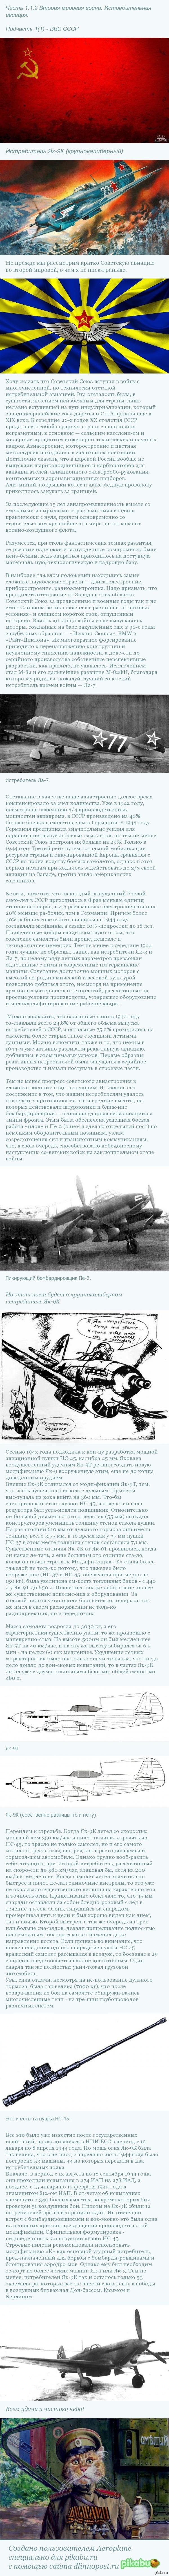 Военная авиация второй, первой мировых войн и послевоенного времени. Часть 1.1.2 - будет идти речь о истребителях разных стран.